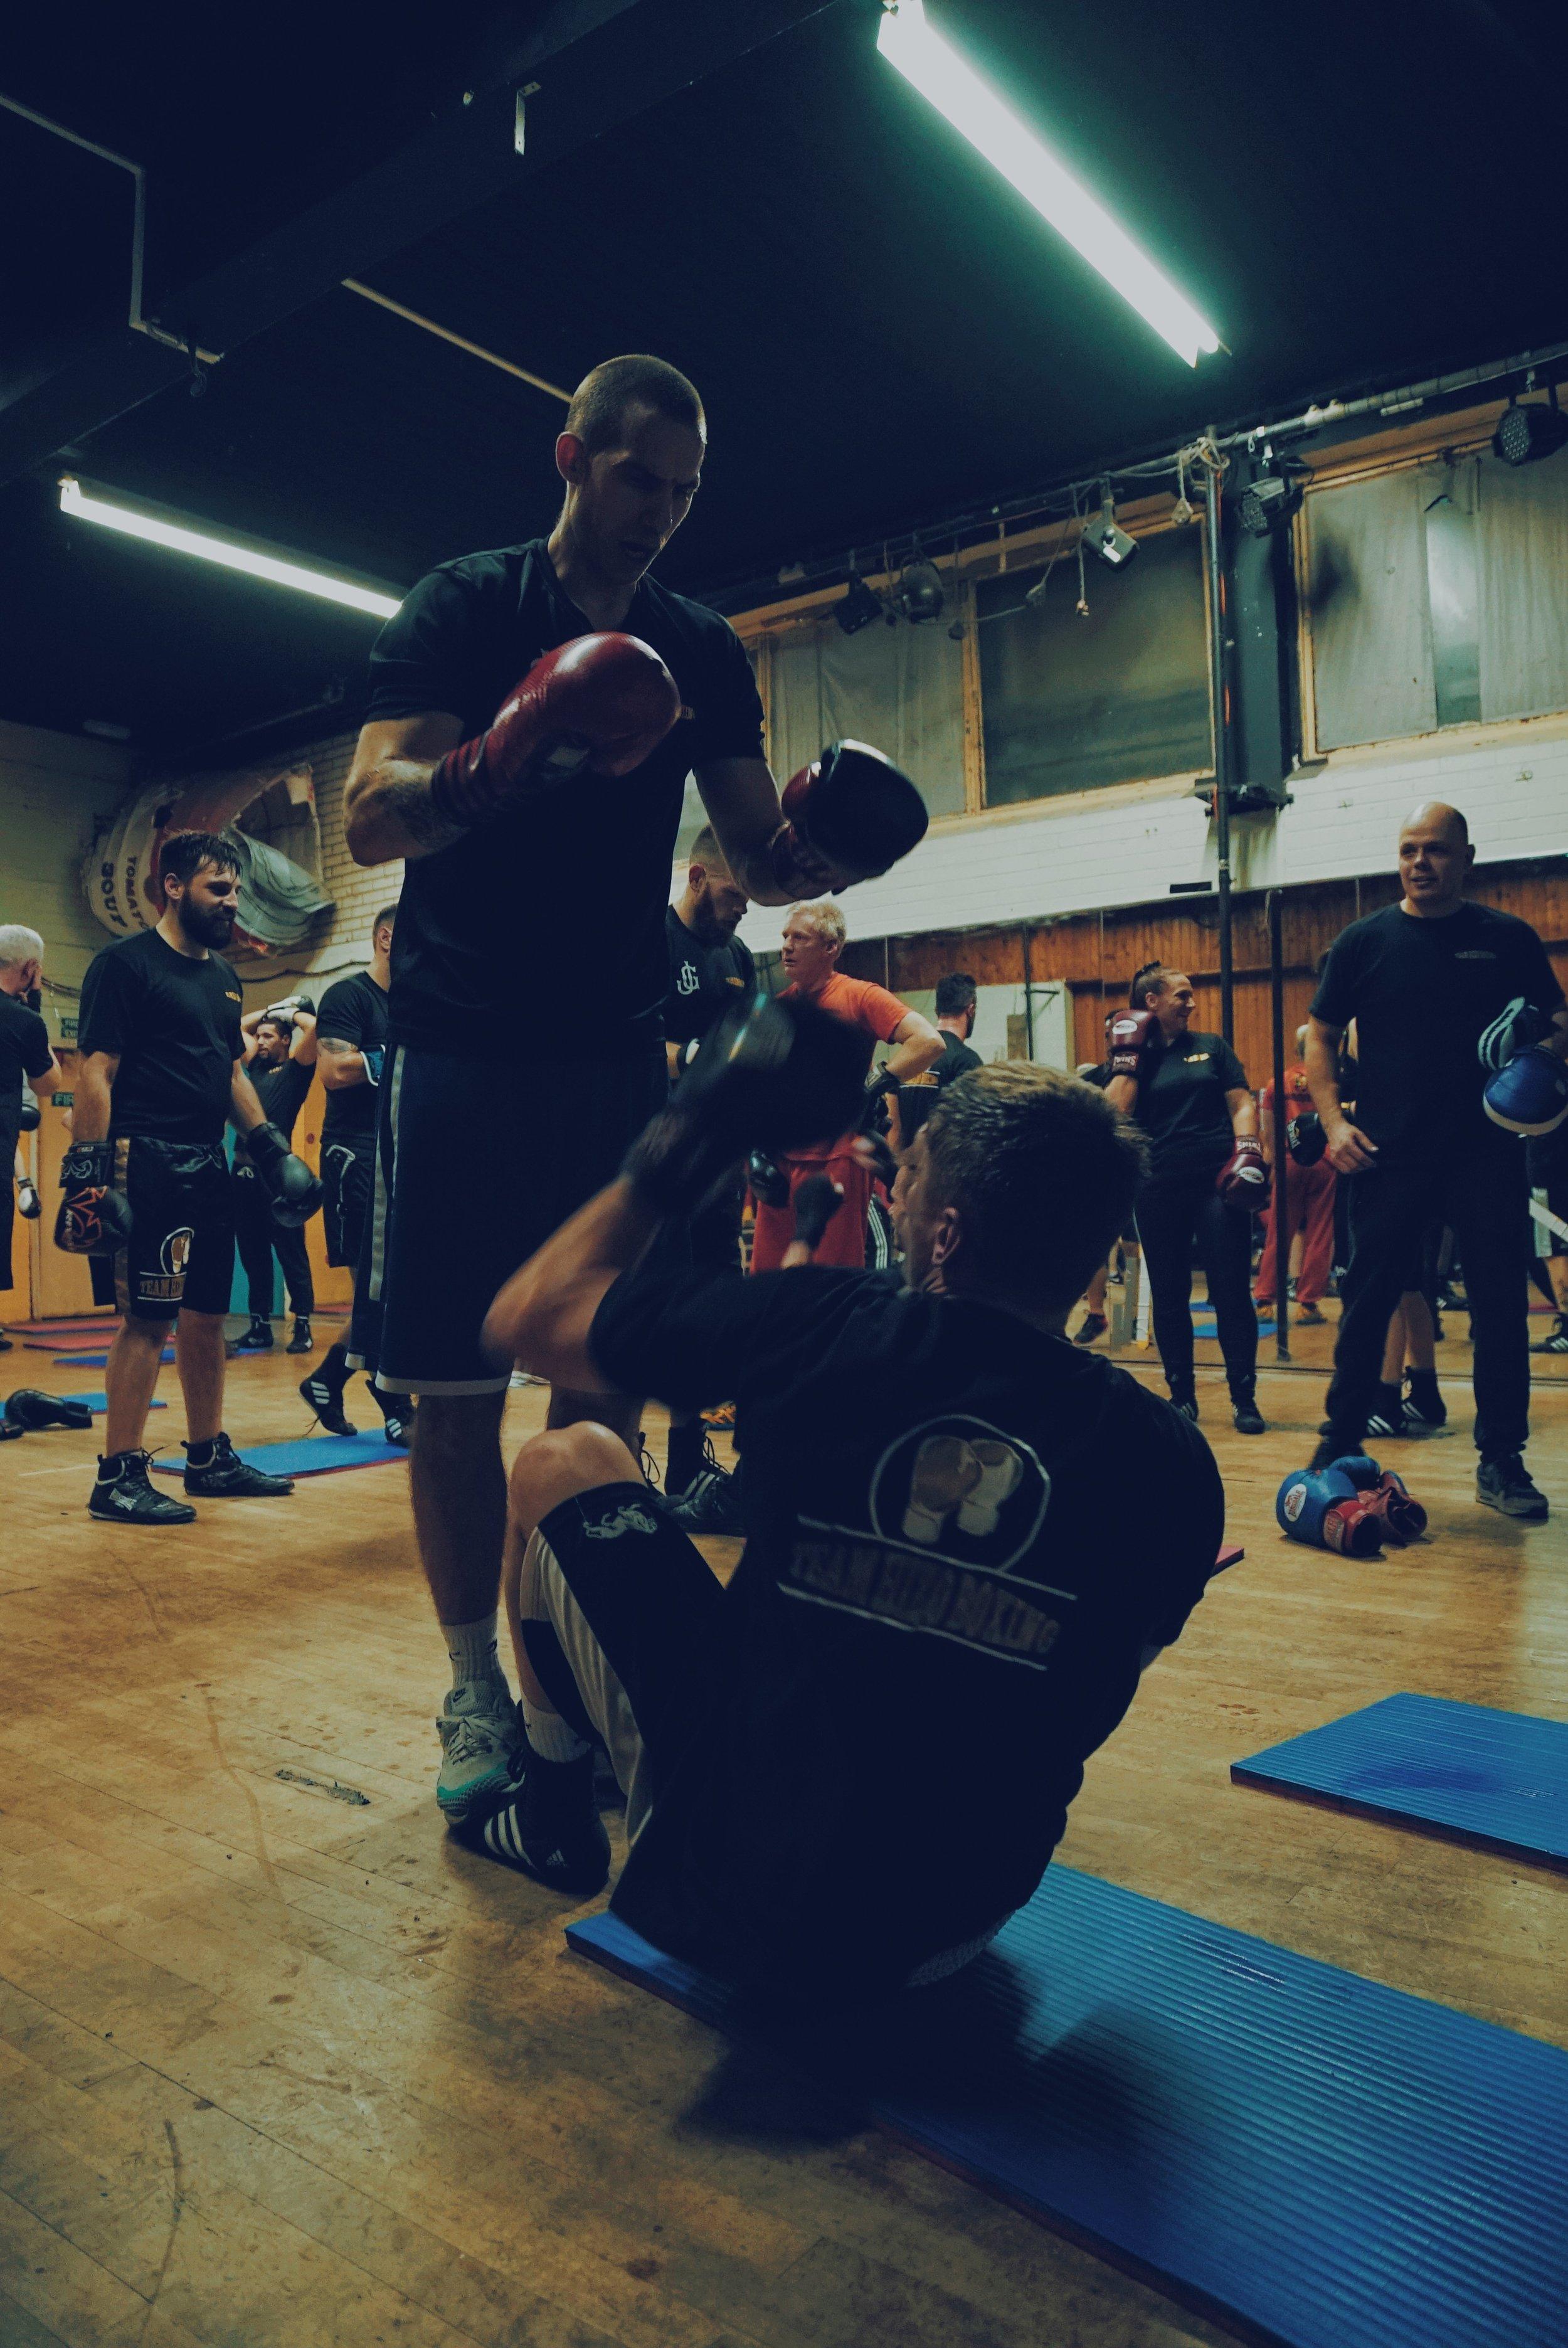 Team Hizo Sparring Classes Brighton